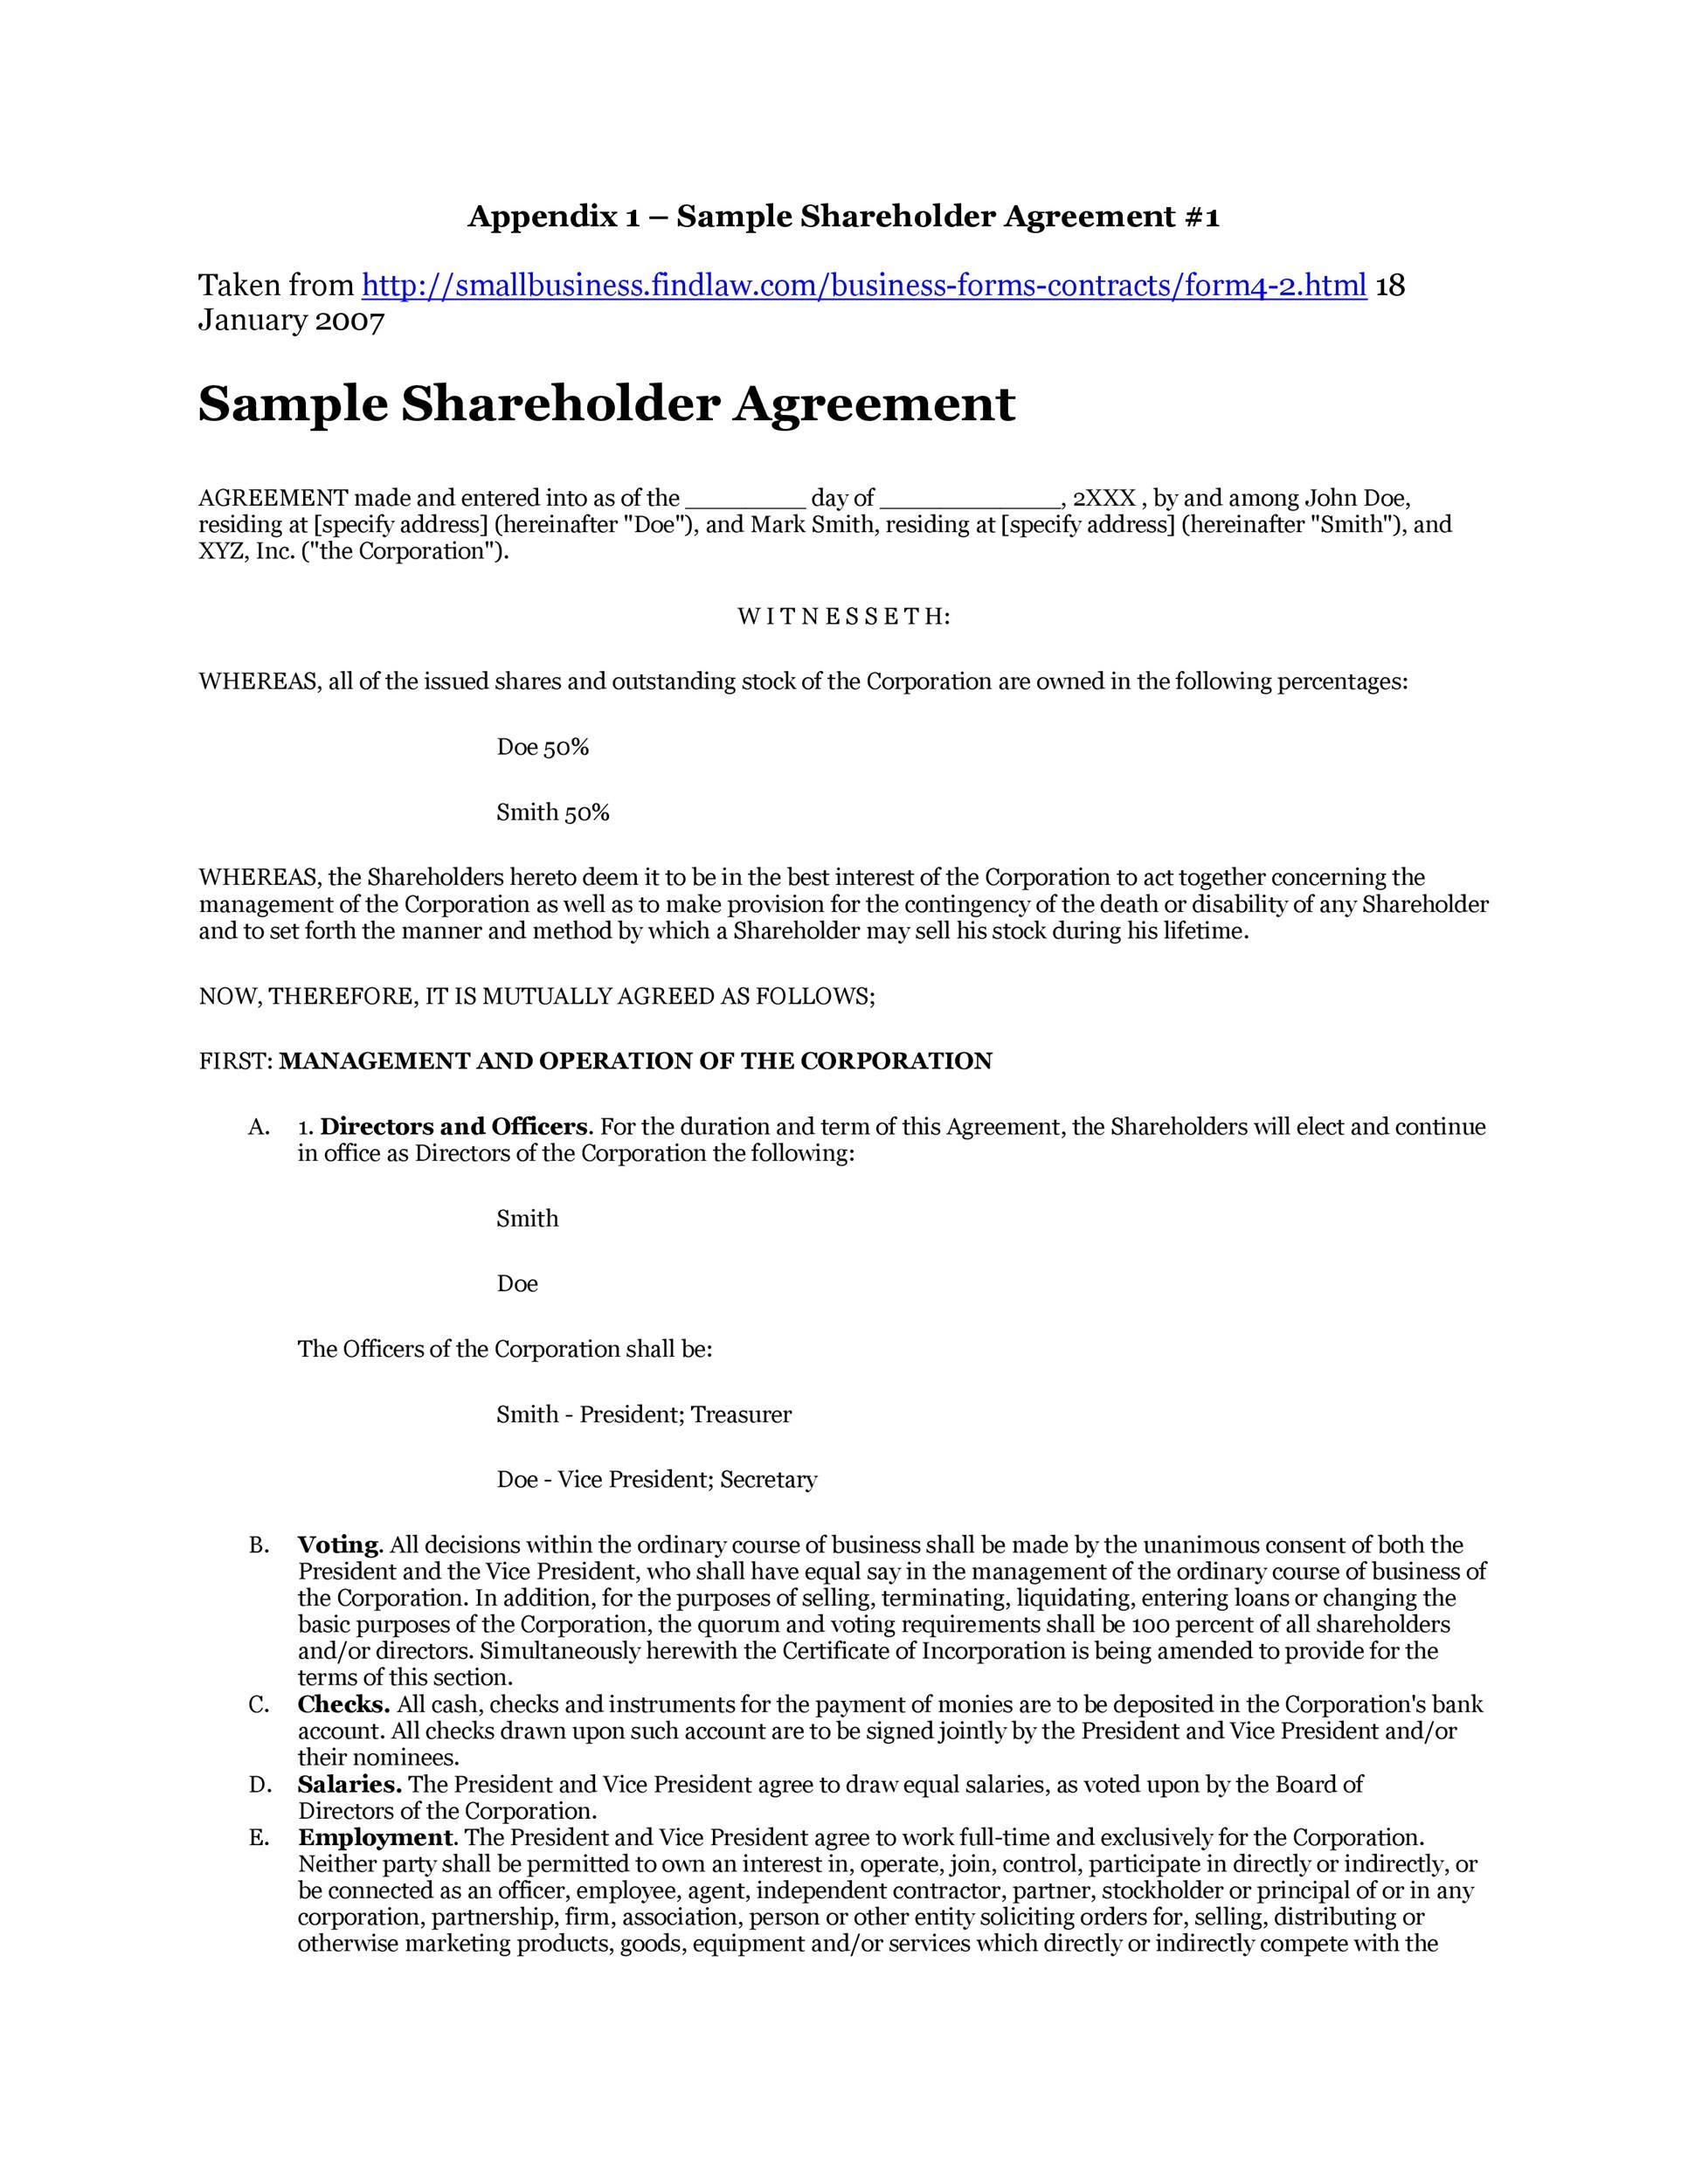 Free shareholder agreement 09